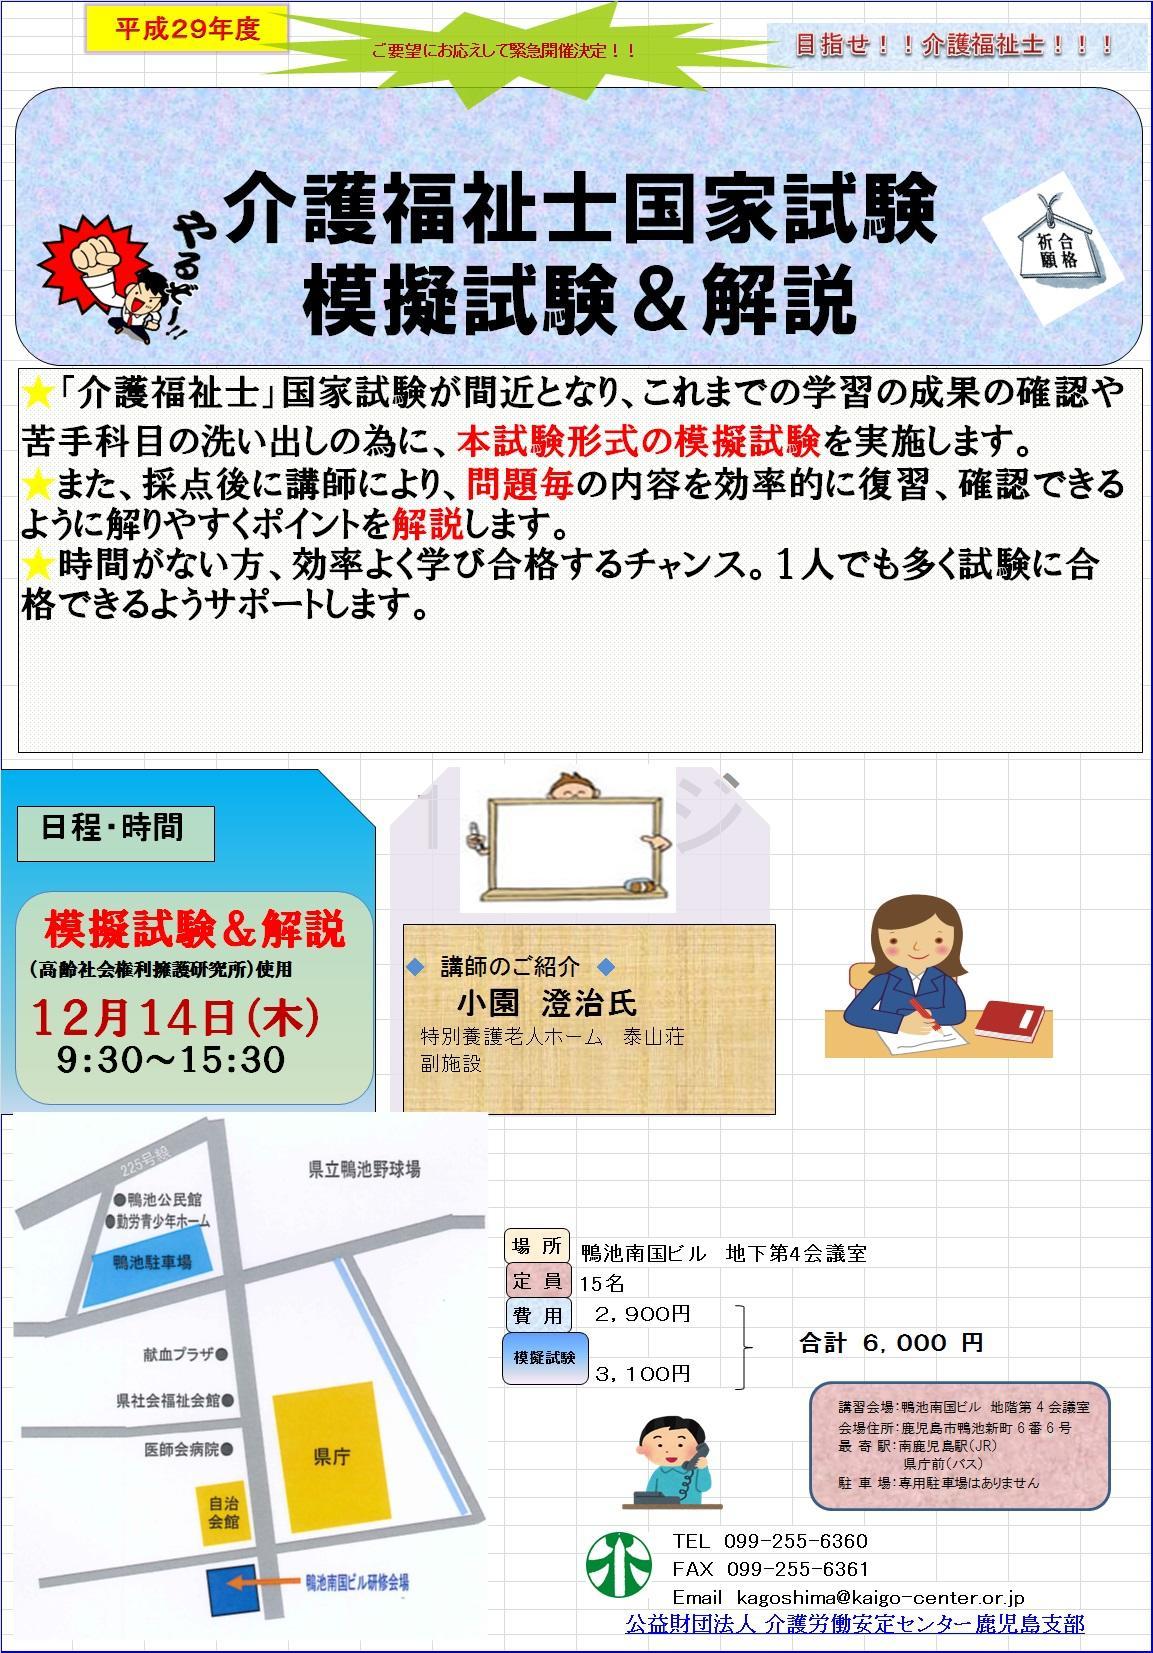 介福模擬&解説.jpg